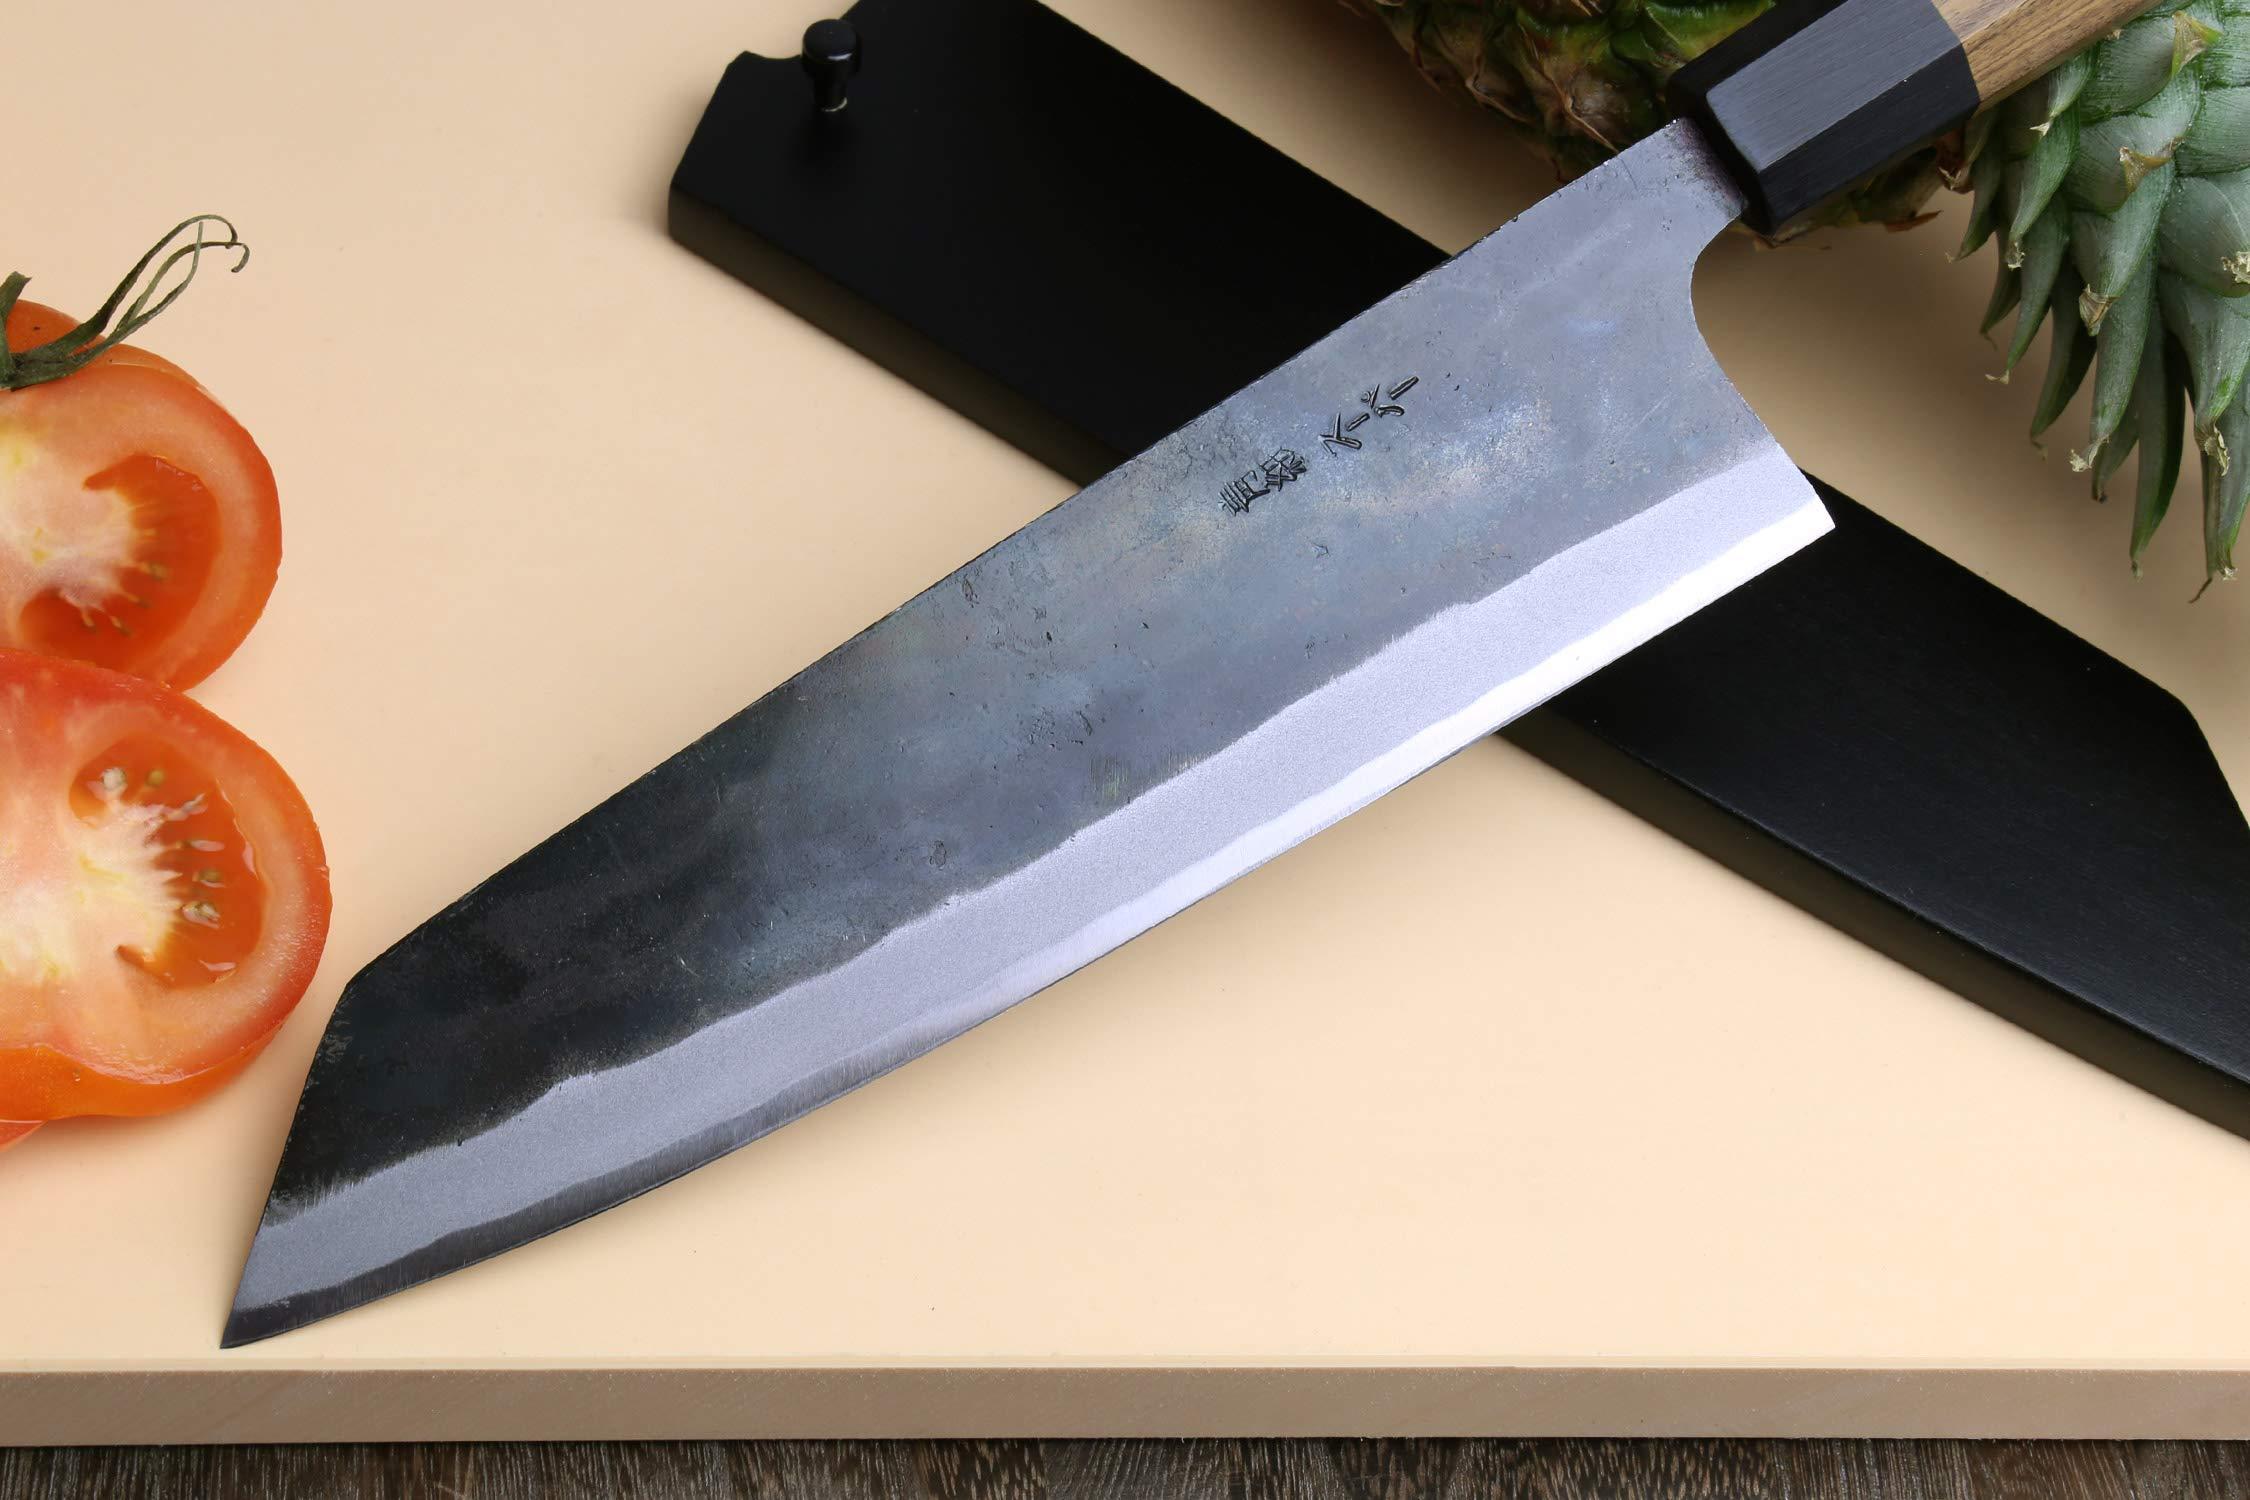 Yoshihiro Mizu Yaki Blue High Carbon Steel Super Kurouchi Kiritsuke Multipurpose Chef Knife (8.25 In) with Nuri Saya Cover by Yoshihiro (Image #3)